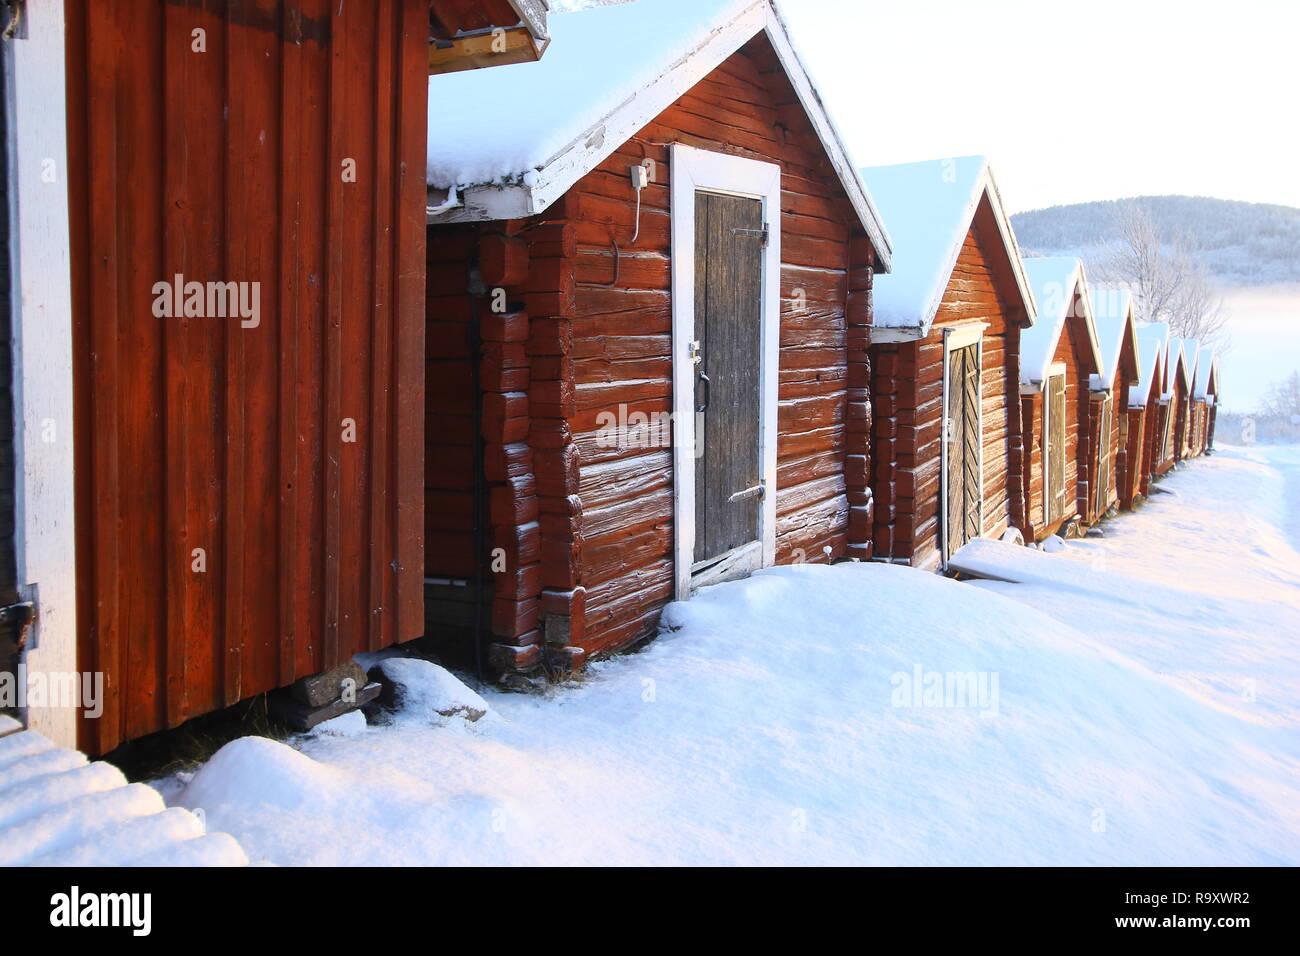 Höga Kusten voir en hiver soleil est bas il y a une grande lumière de la tranquillité au lac ralentir Slow travel l'agitation de temps aller retour à la nature Banque D'Images